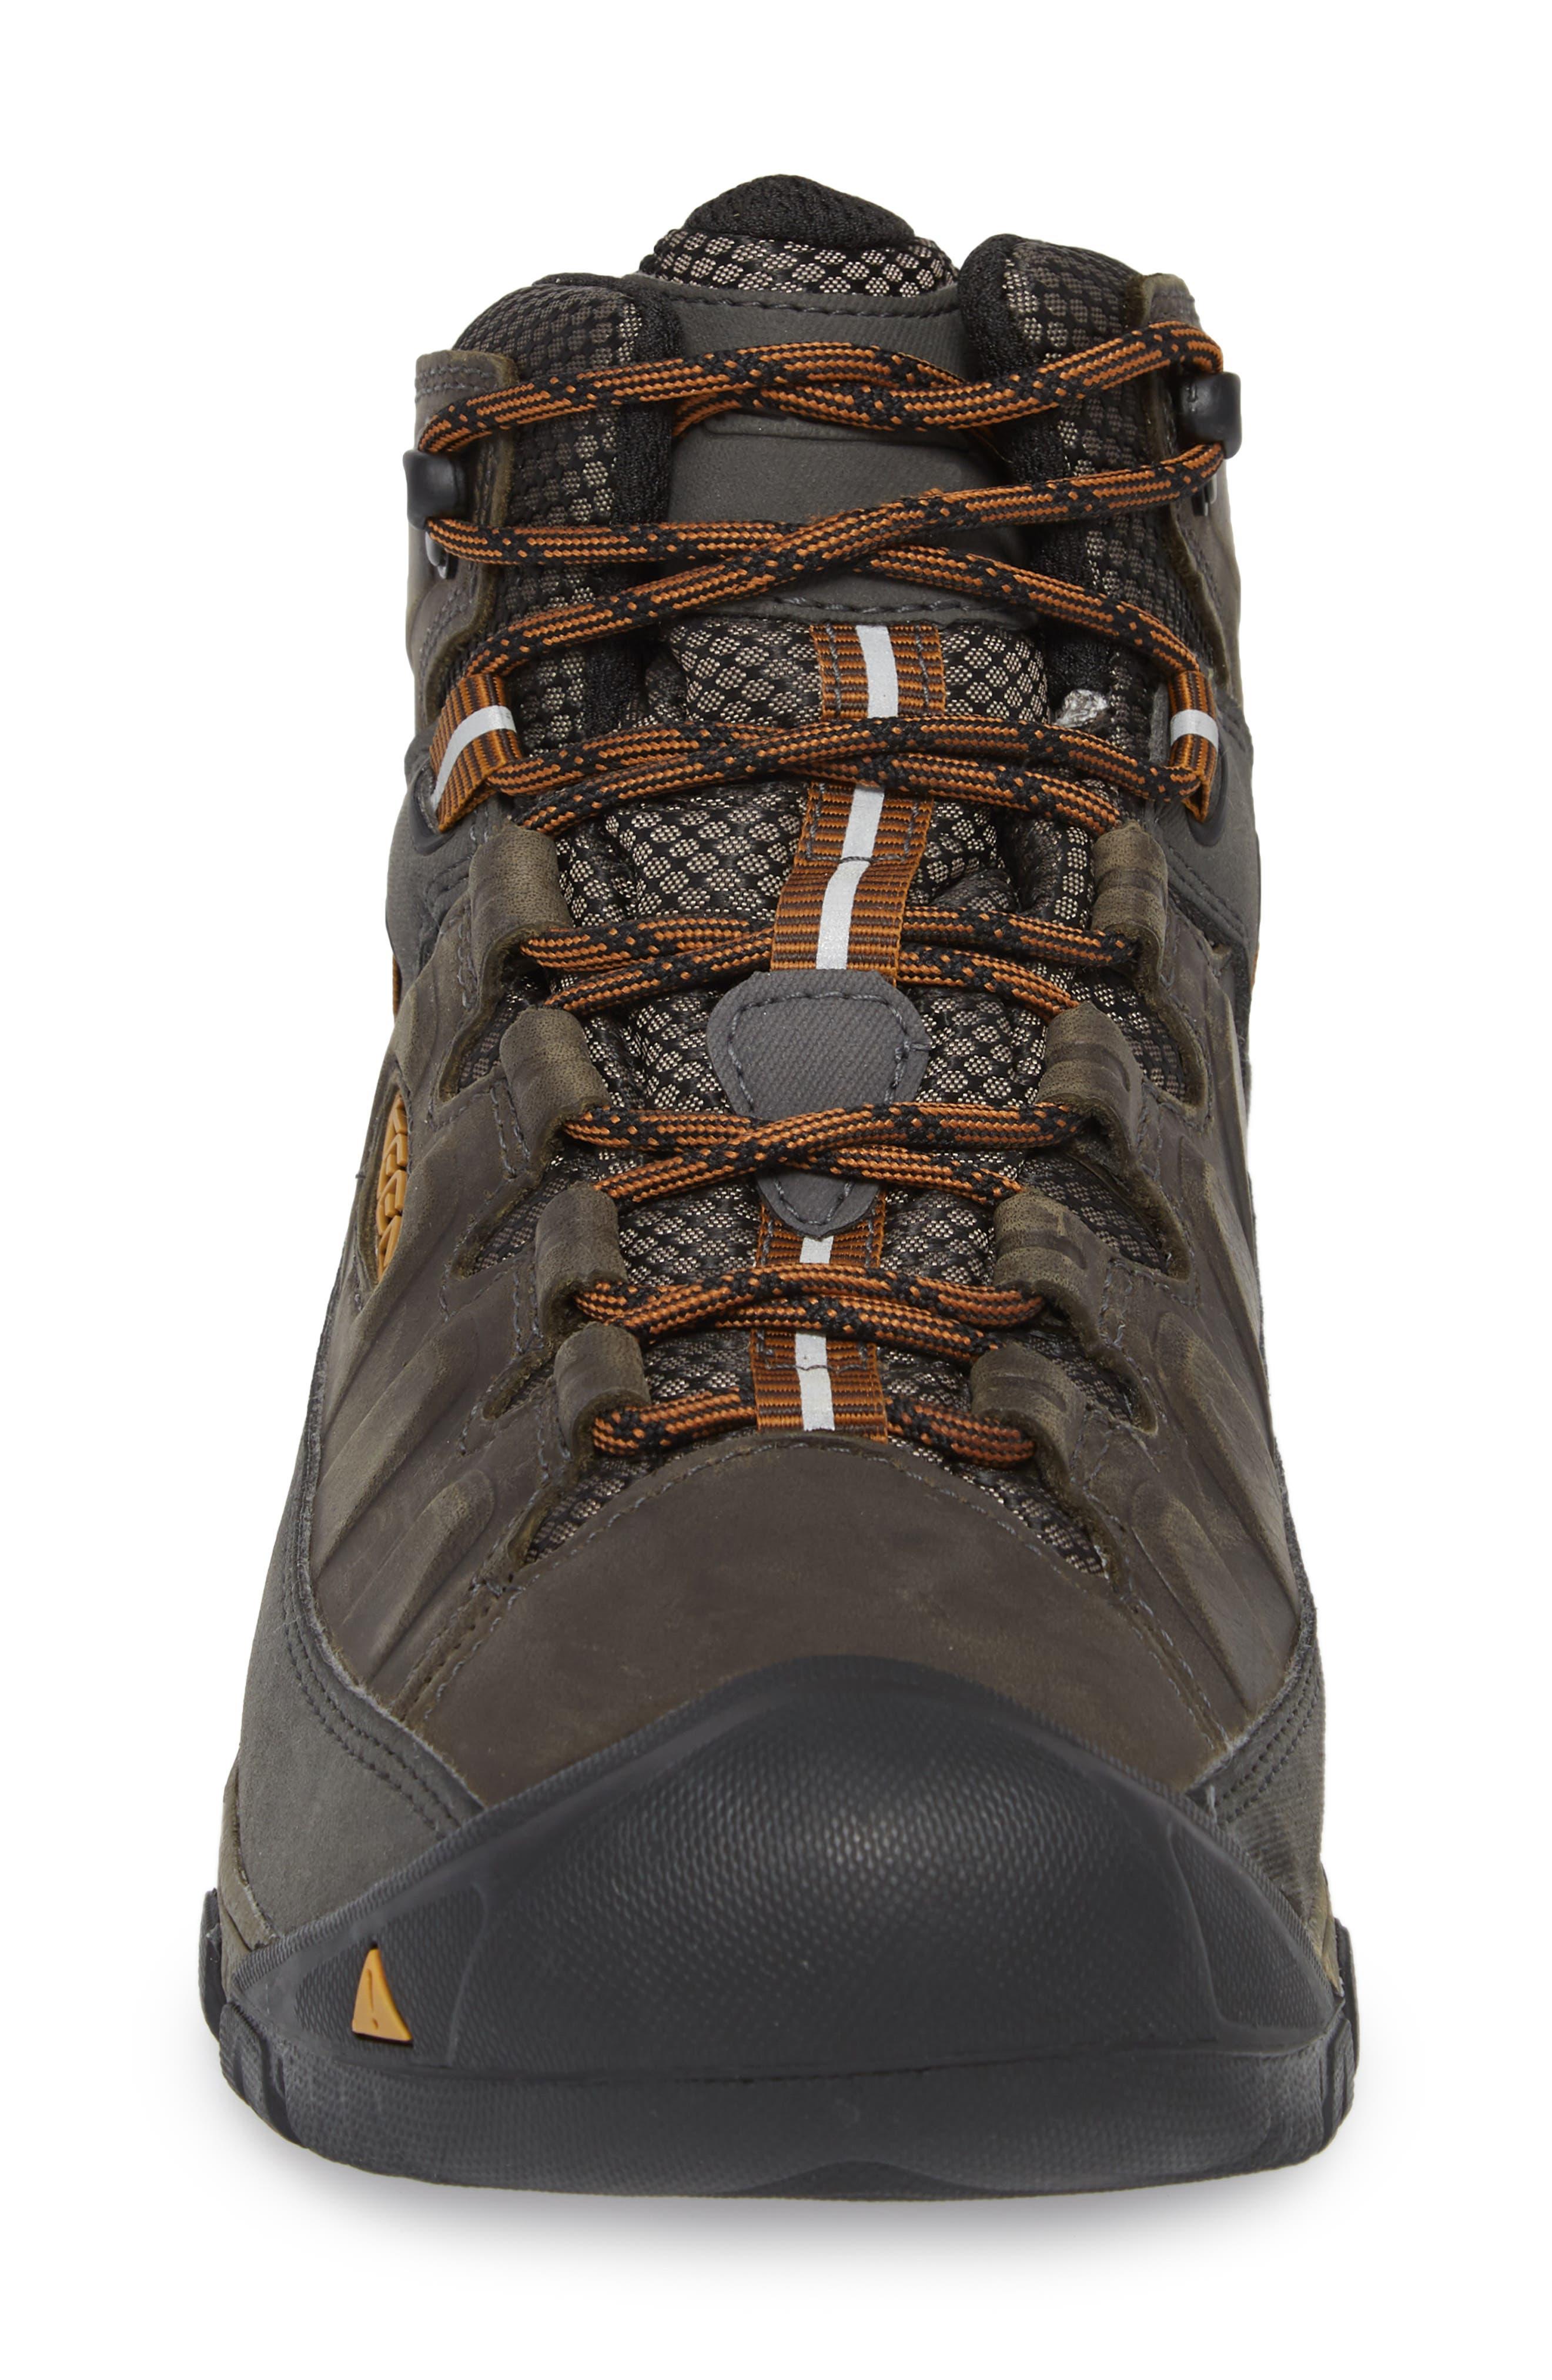 Targhee III Mid Waterproof Hiking Boot,                             Alternate thumbnail 4, color,                             BLACK OLIVE/GOLDEN BROWN